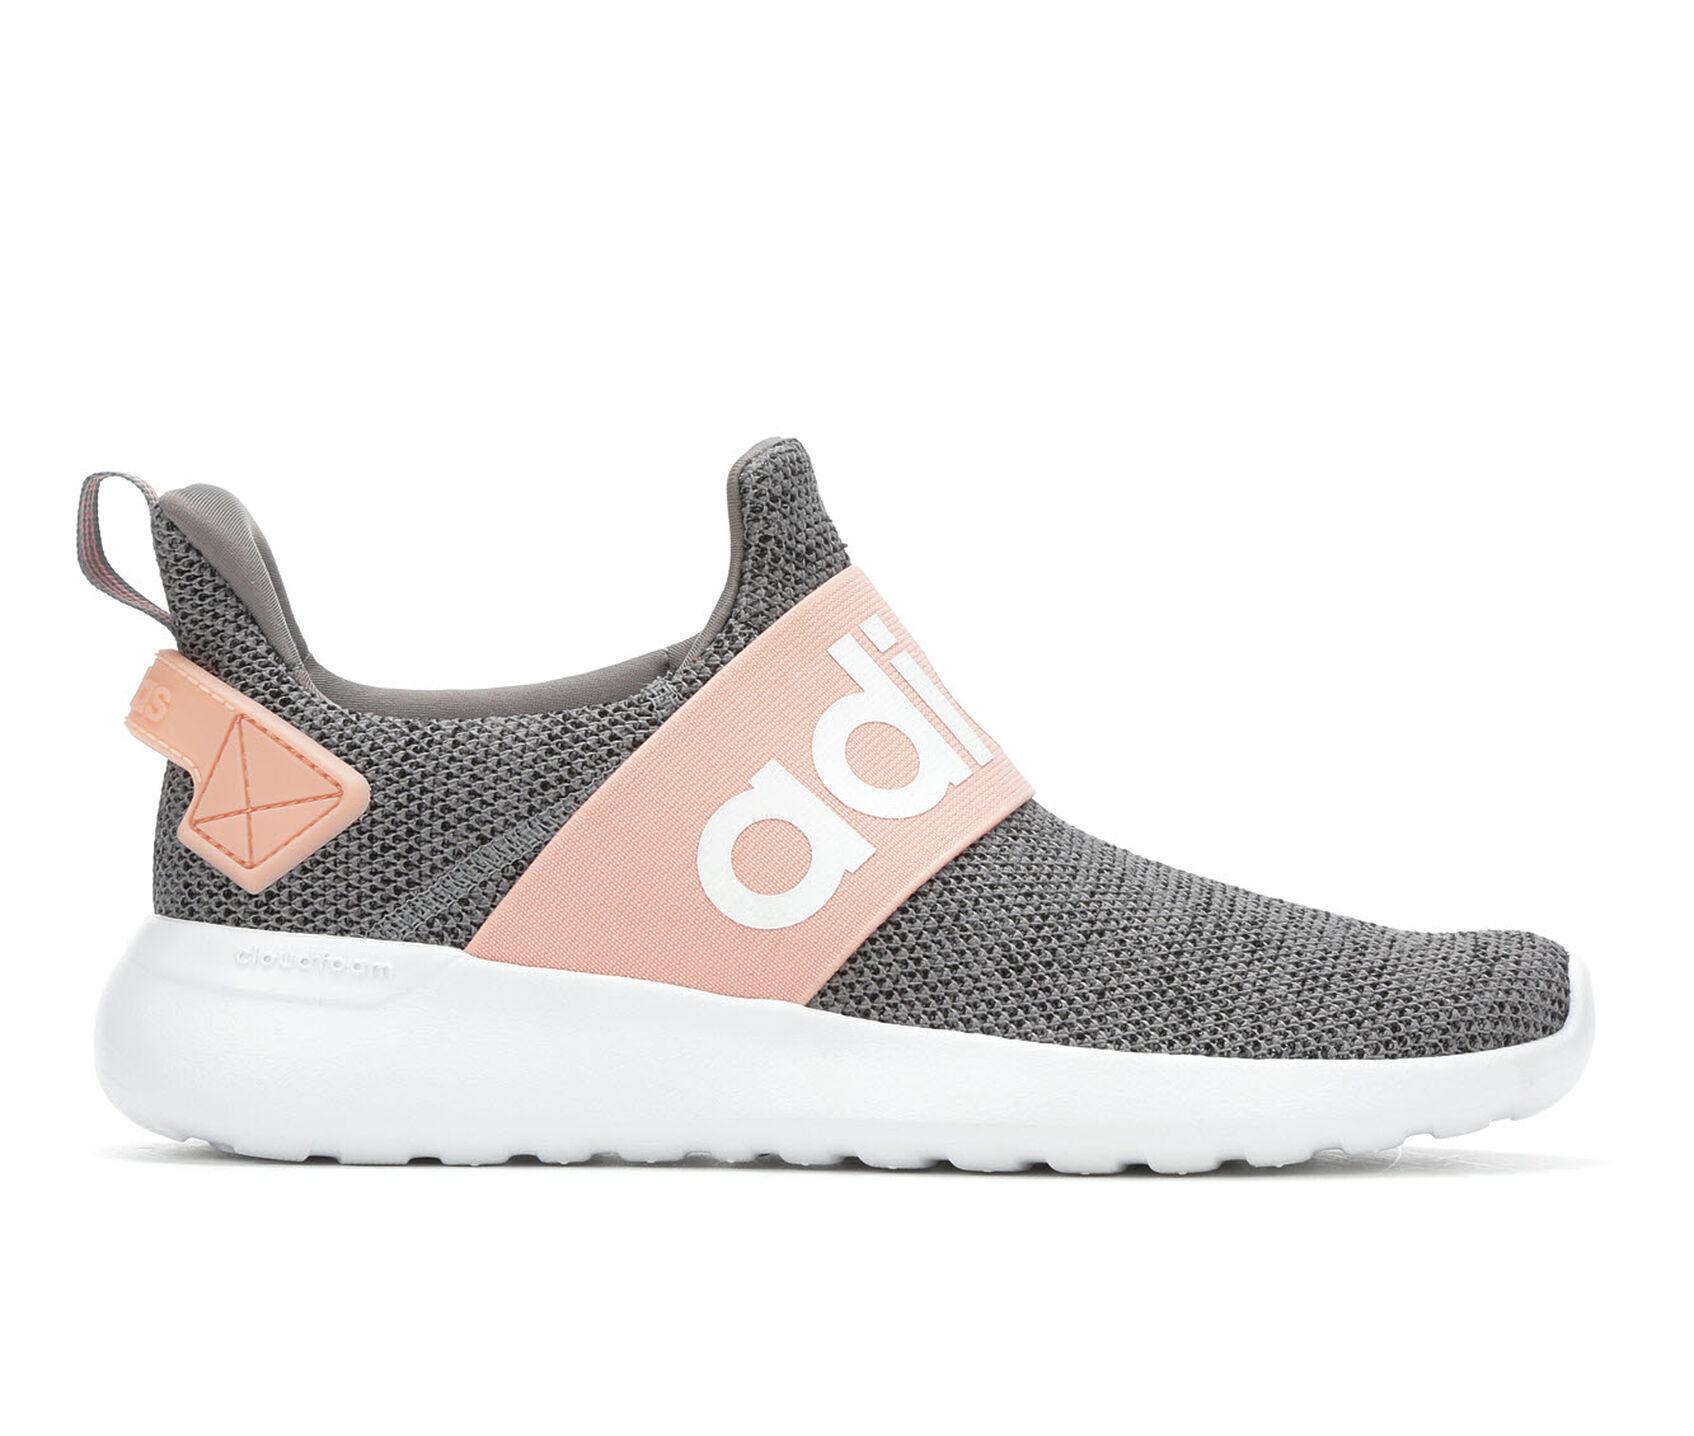 timeless design c6d72 fff02 Girls' Adidas Little Kid & Big Kid Lite Racer Adapt Running Shoes